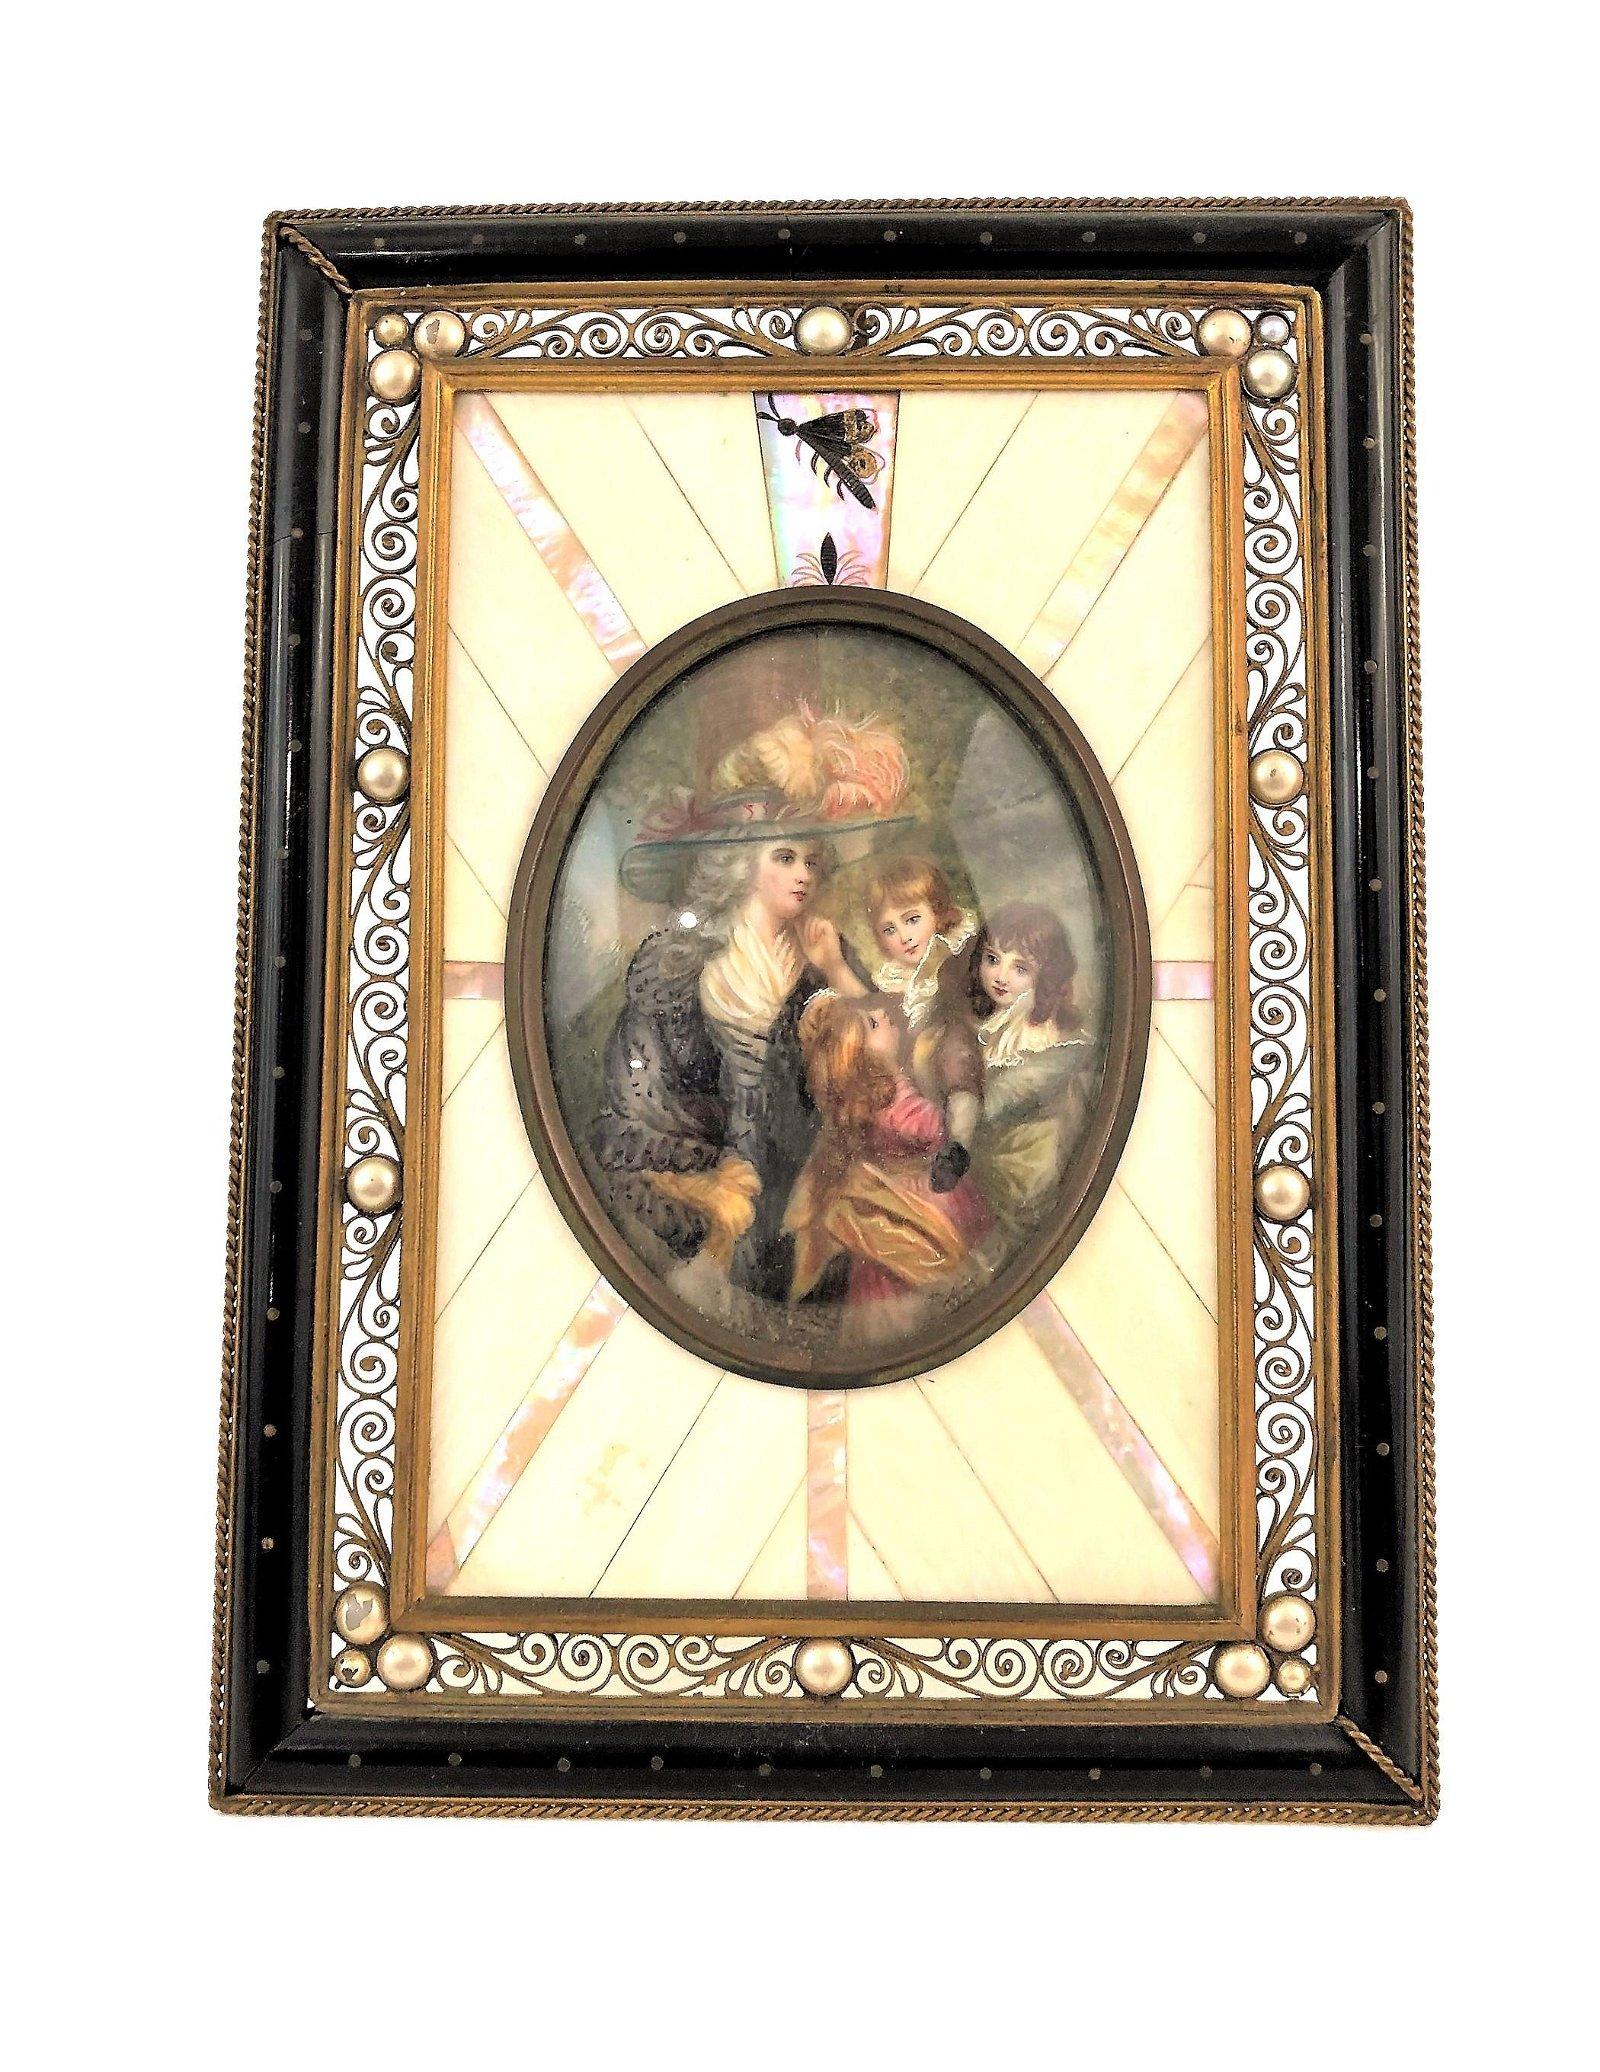 Antique Hand Painted Miniature Framed Portrait